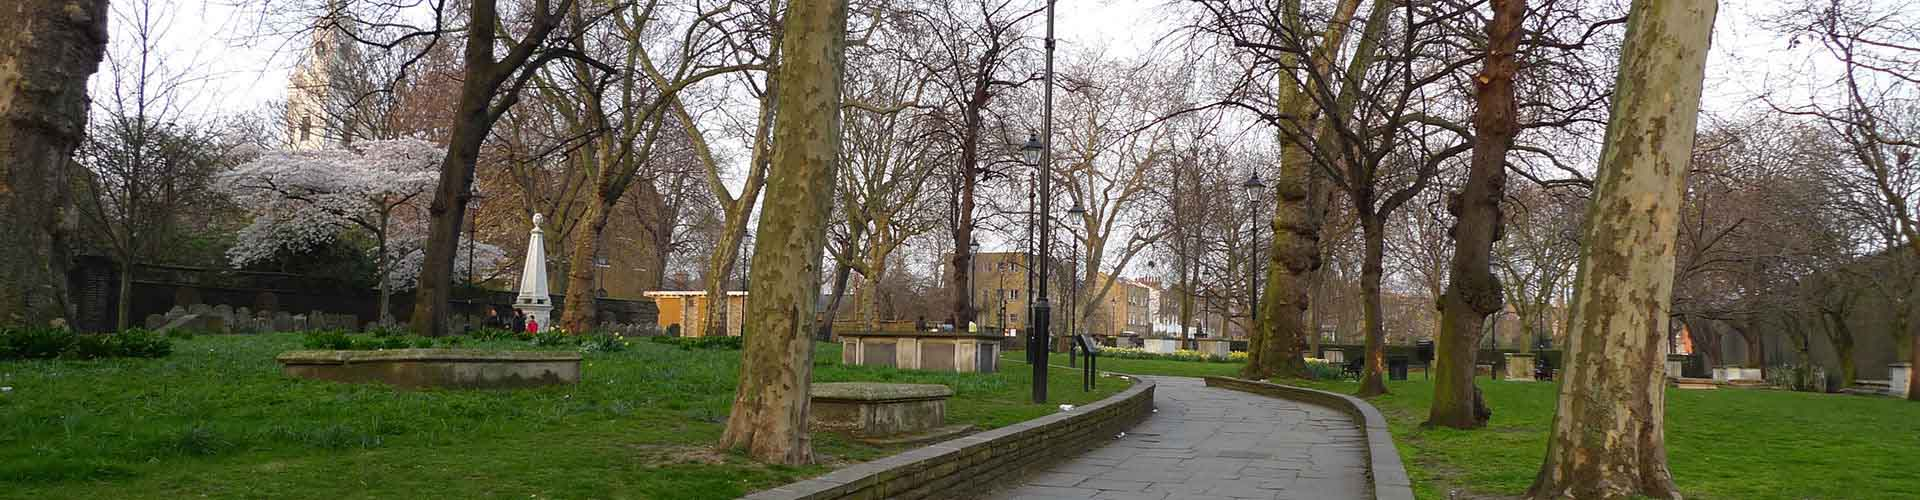 Londres - Albergues Juveniles en el distrito Municipio de Hackney . Mapas de Londres, Fotos y Comentarios para cada Albergue Juvenil en Londres.